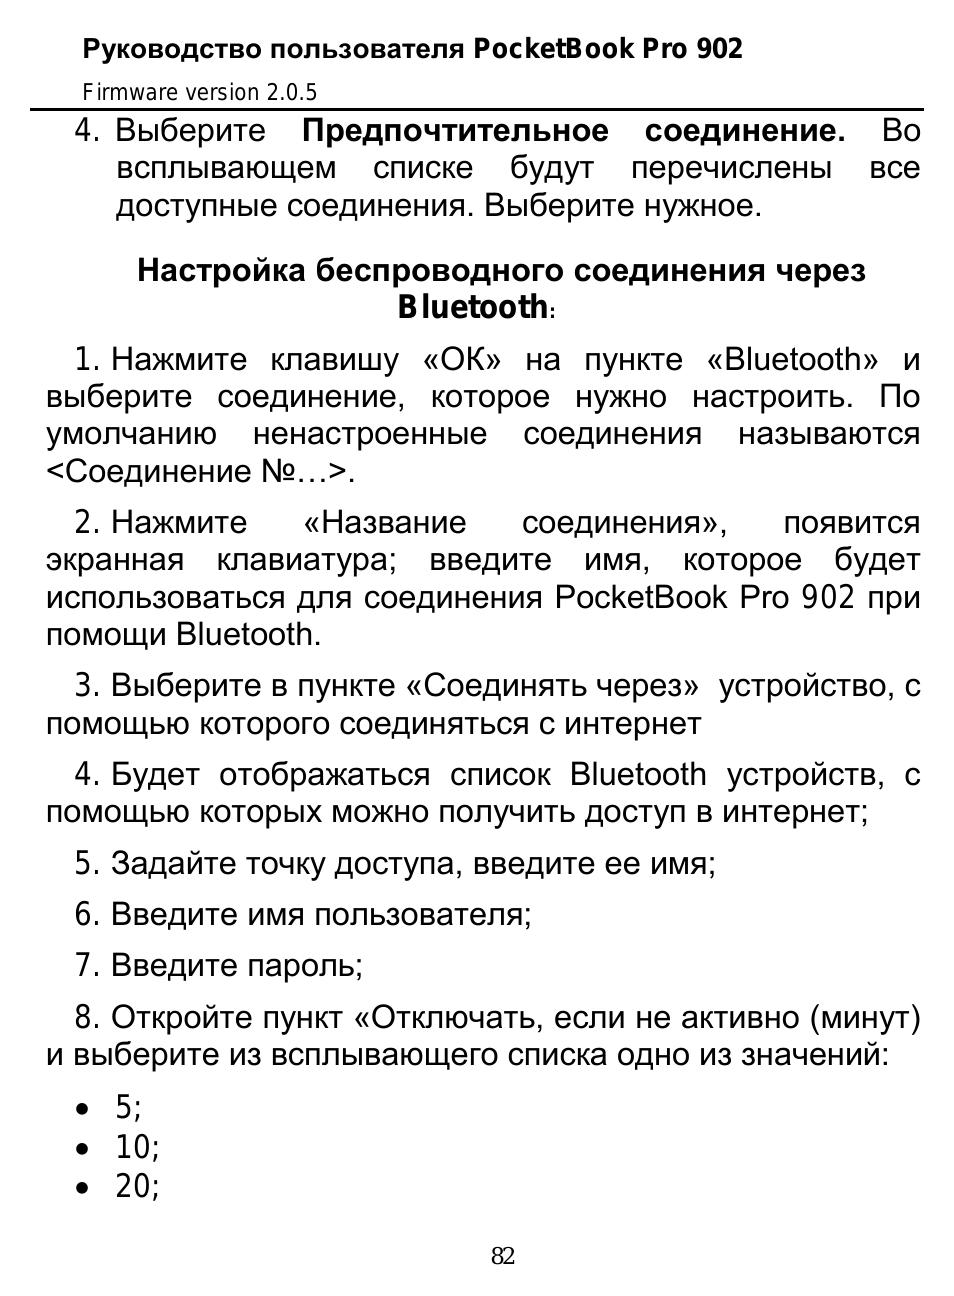 Настройка беспроводного соединения через bluetooth, Настройка, Беспроводного